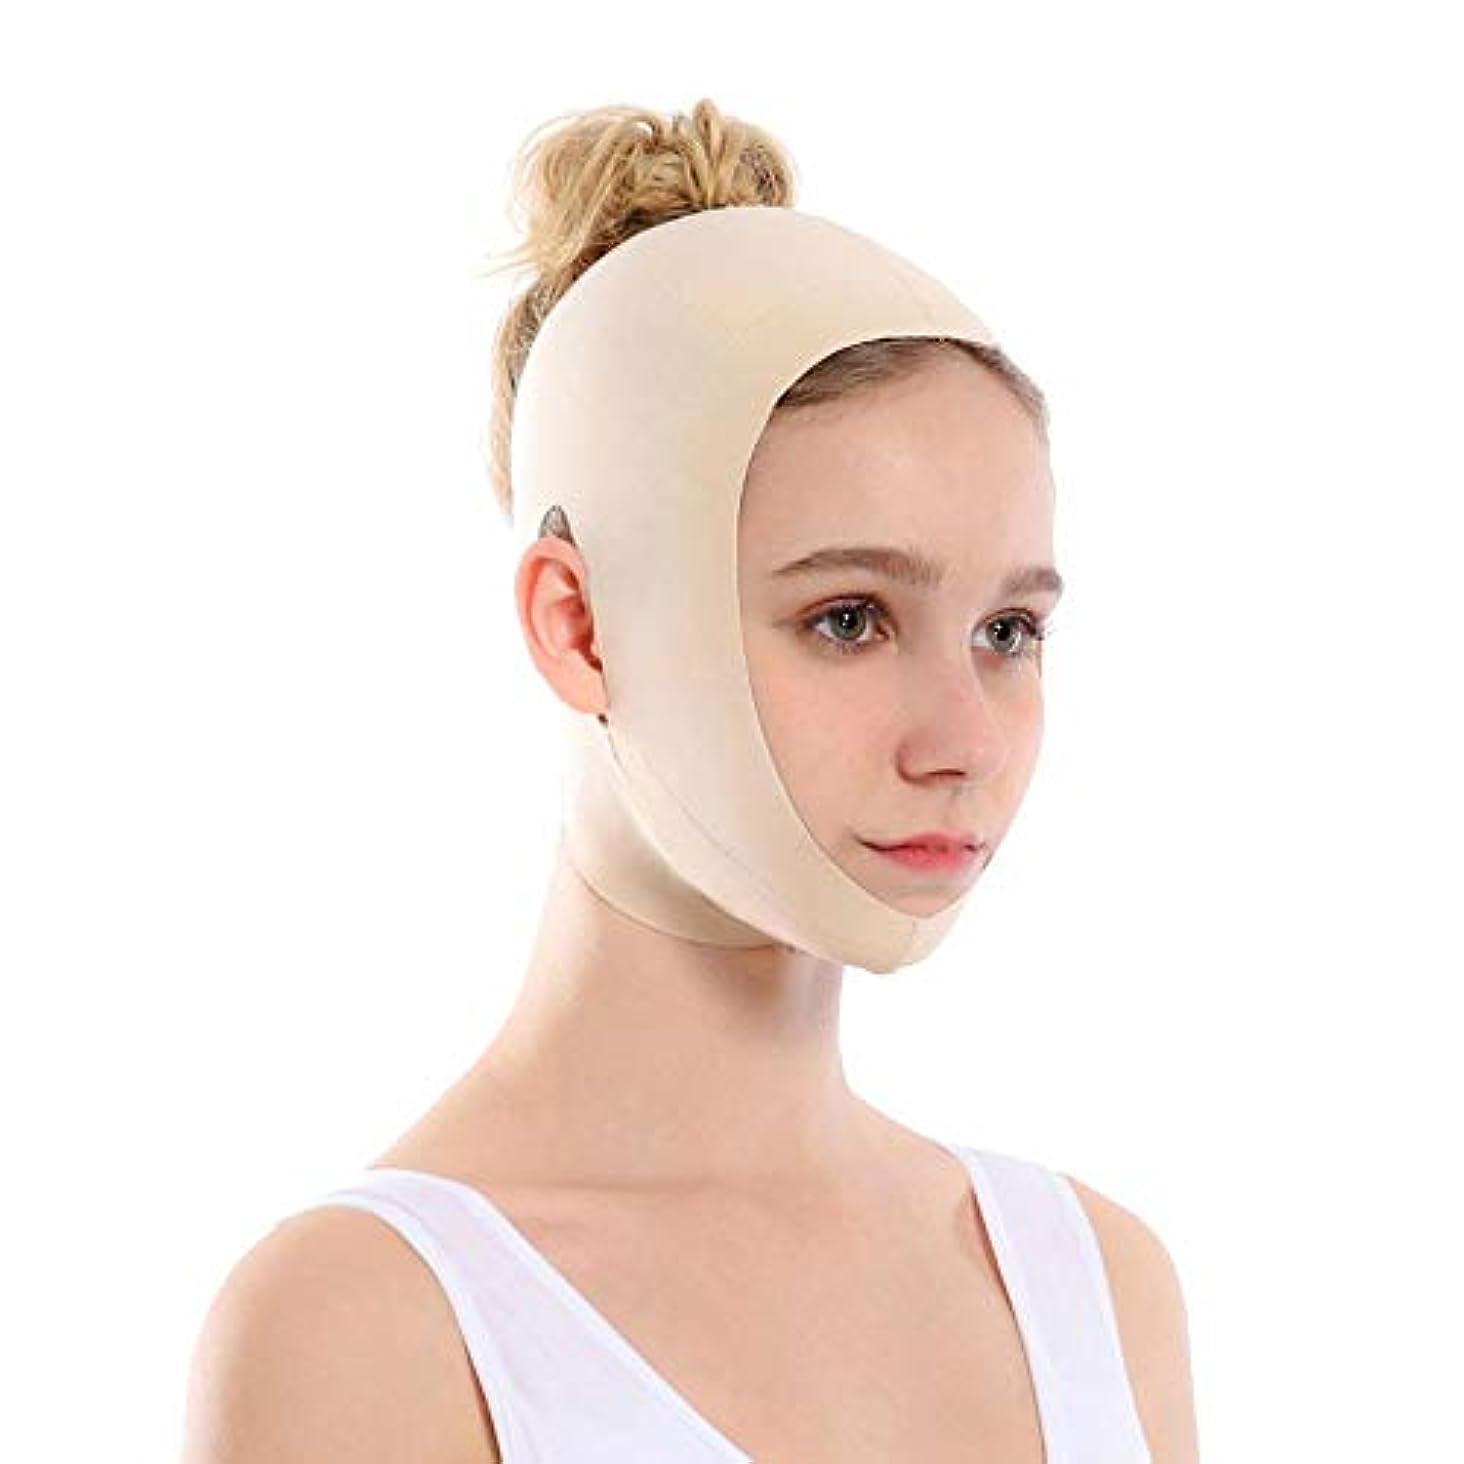 考慮トロリー住む顔を持ち上げるアーティファクトVフェイス包帯リフティング引き締め睡眠薄い顔を整形持ち上げる顔を二重あご矯正 - 肌の色